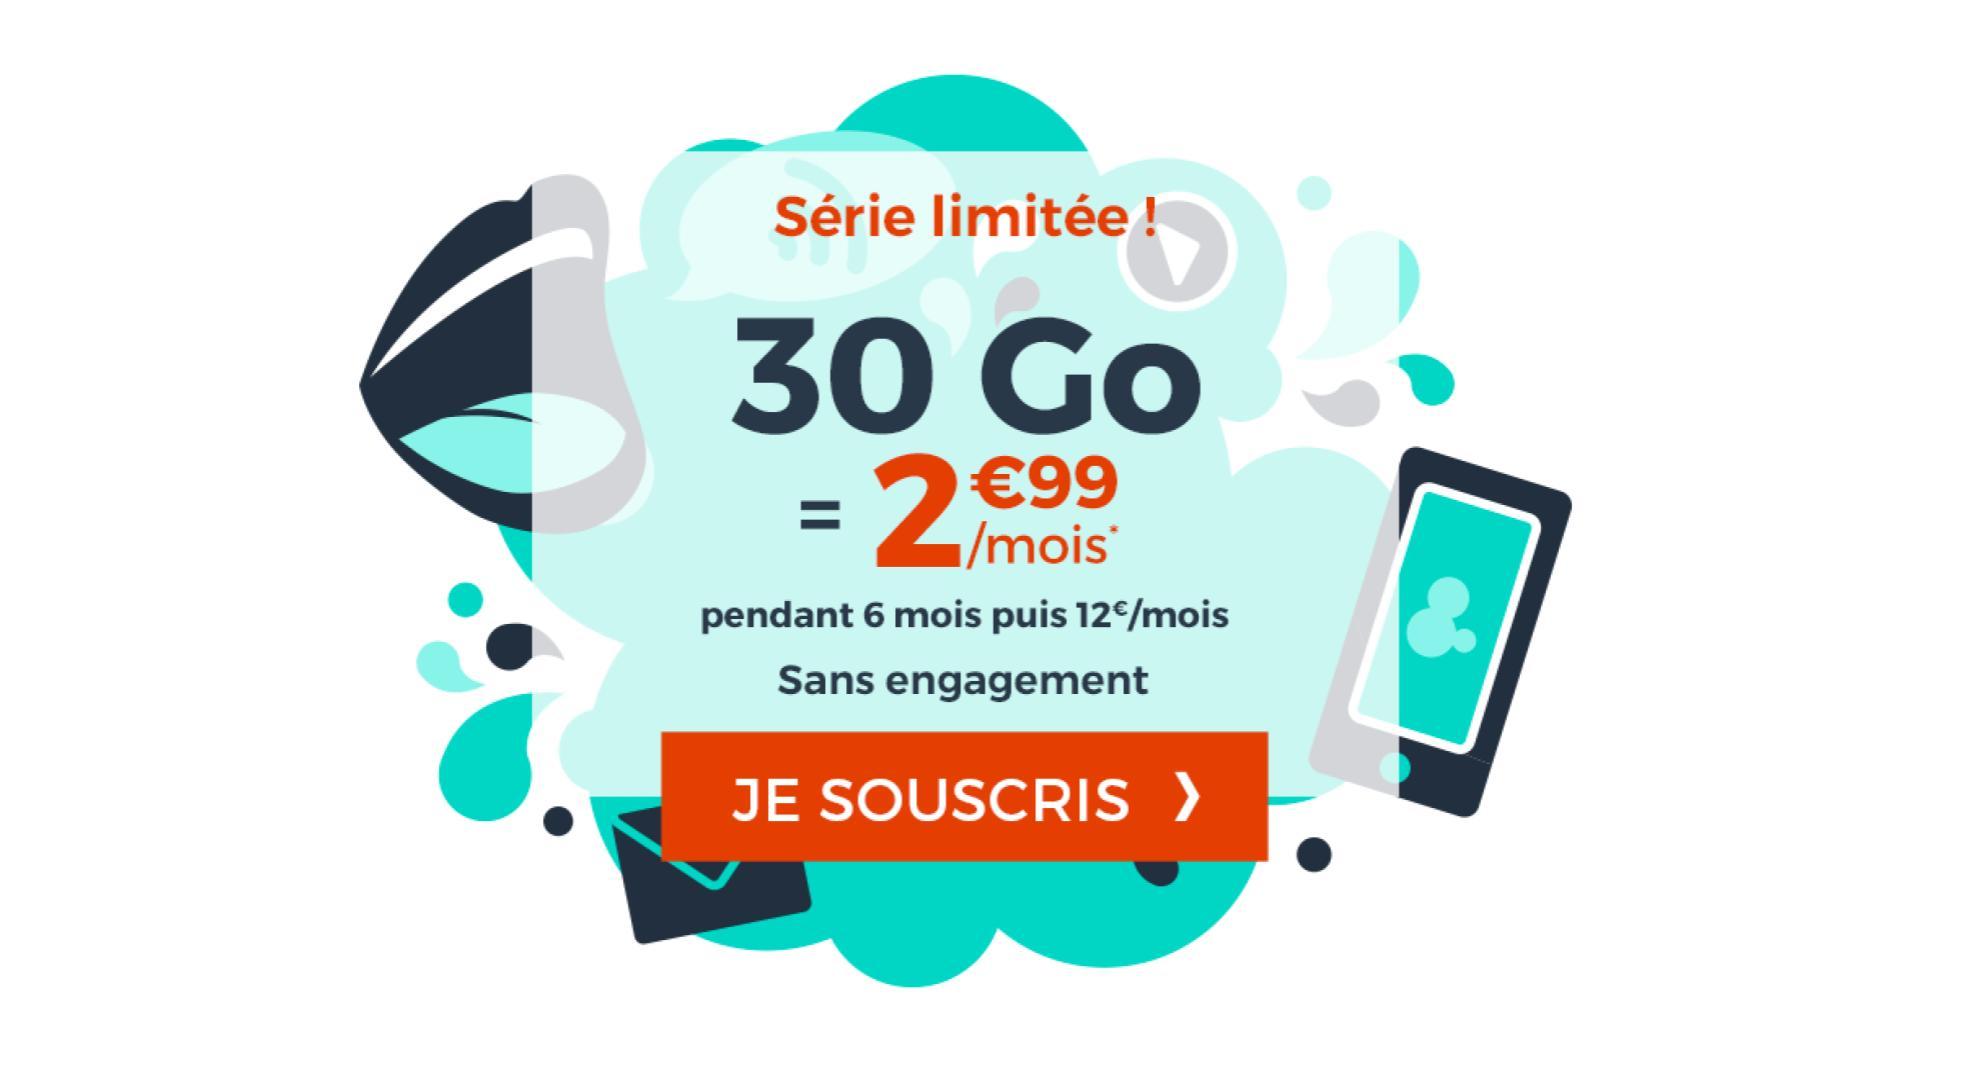 🔥 Bon plan : le forfait mobile 30 Go est à 2,99 euros par mois pendant 6 mois